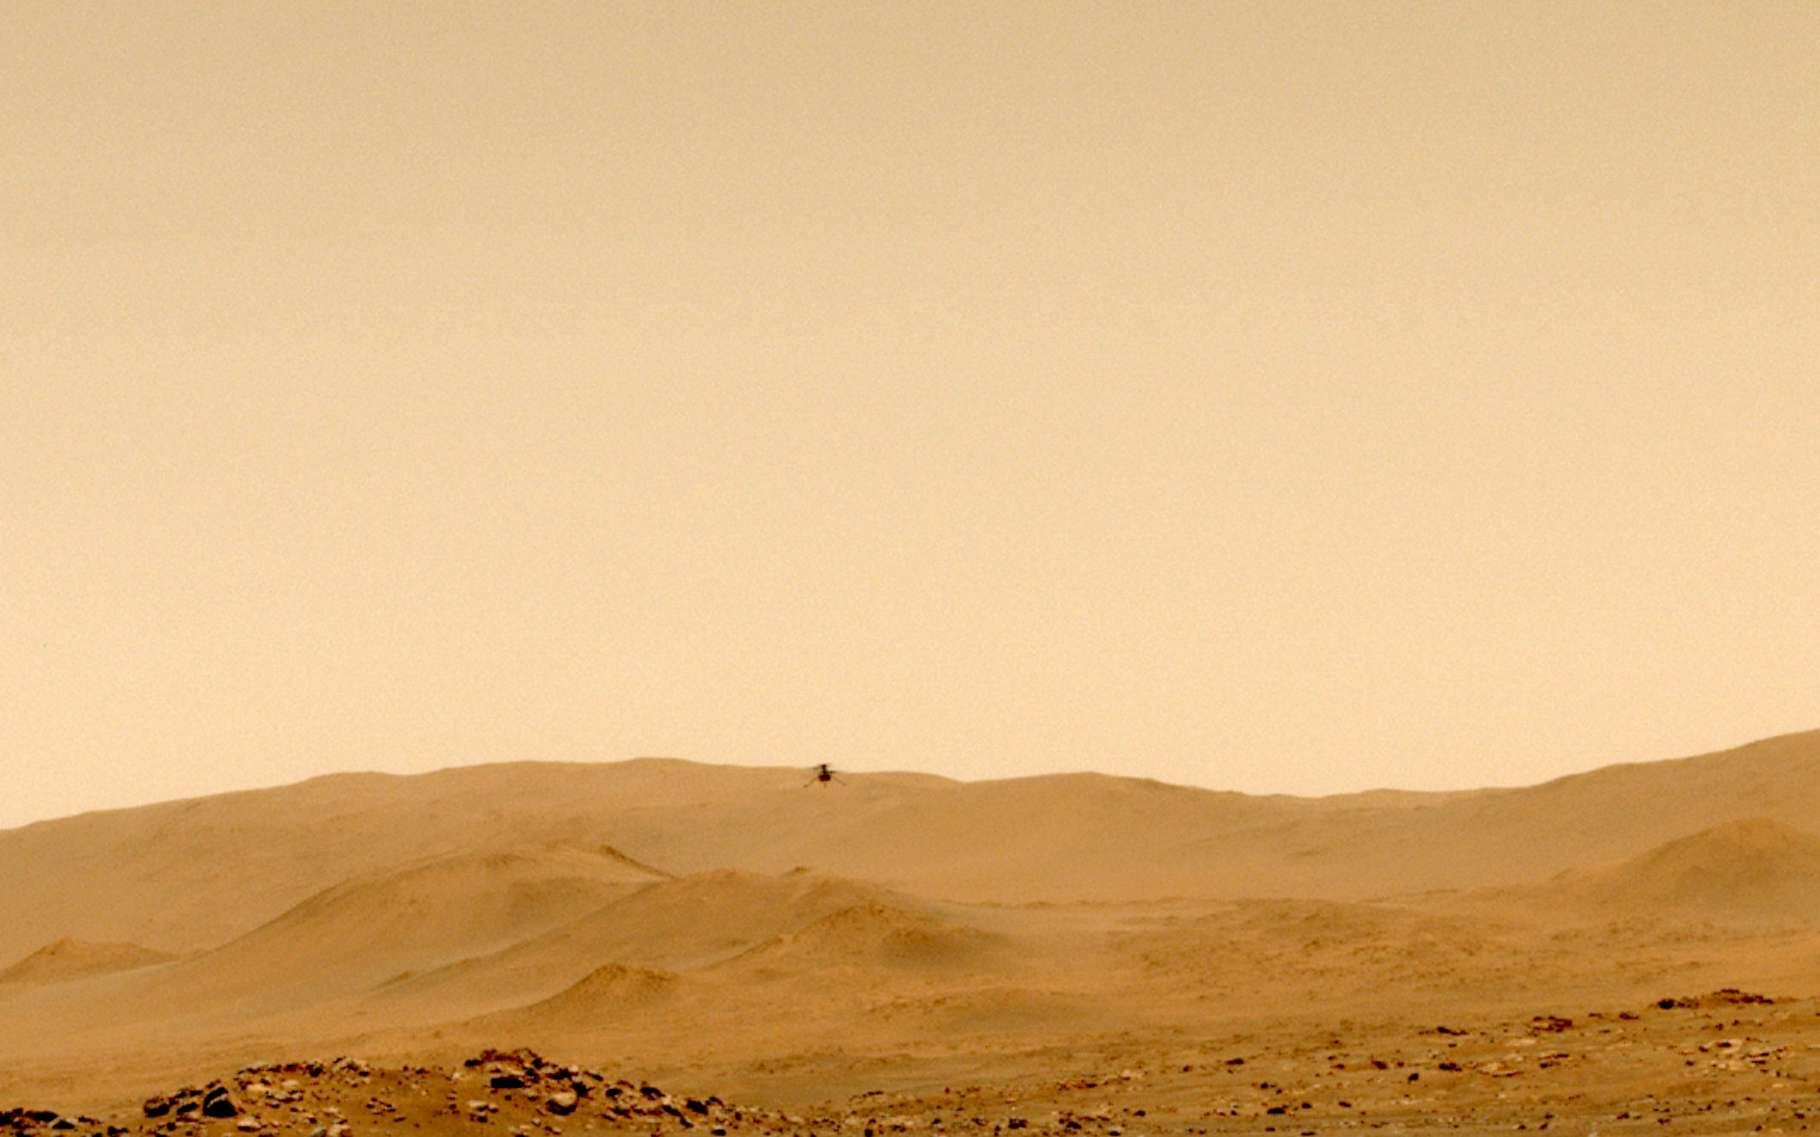 Ici, Ingenuity lors de son cinquième vol sur Mars. Une image capturée le 7 mai 2021 par le rover Perseverance. © Nasa, JPL-Caltech